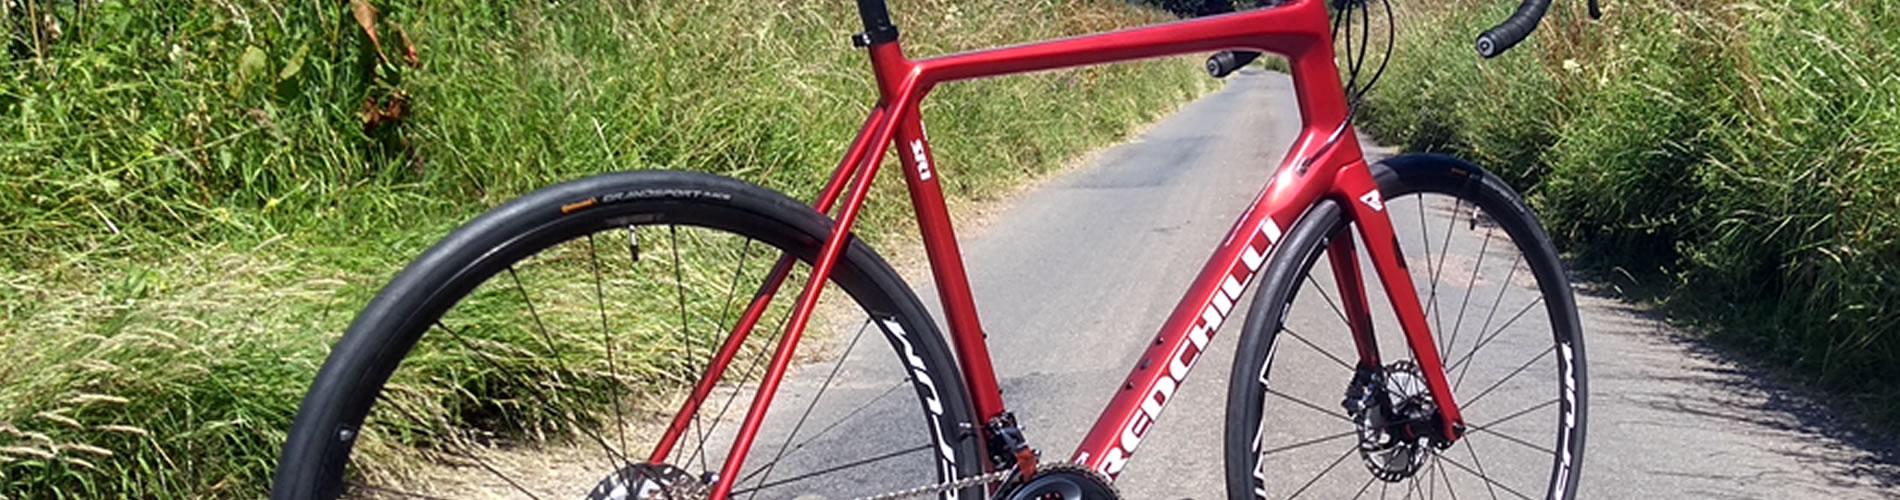 Redchilli SR1 Red Sky Endurance